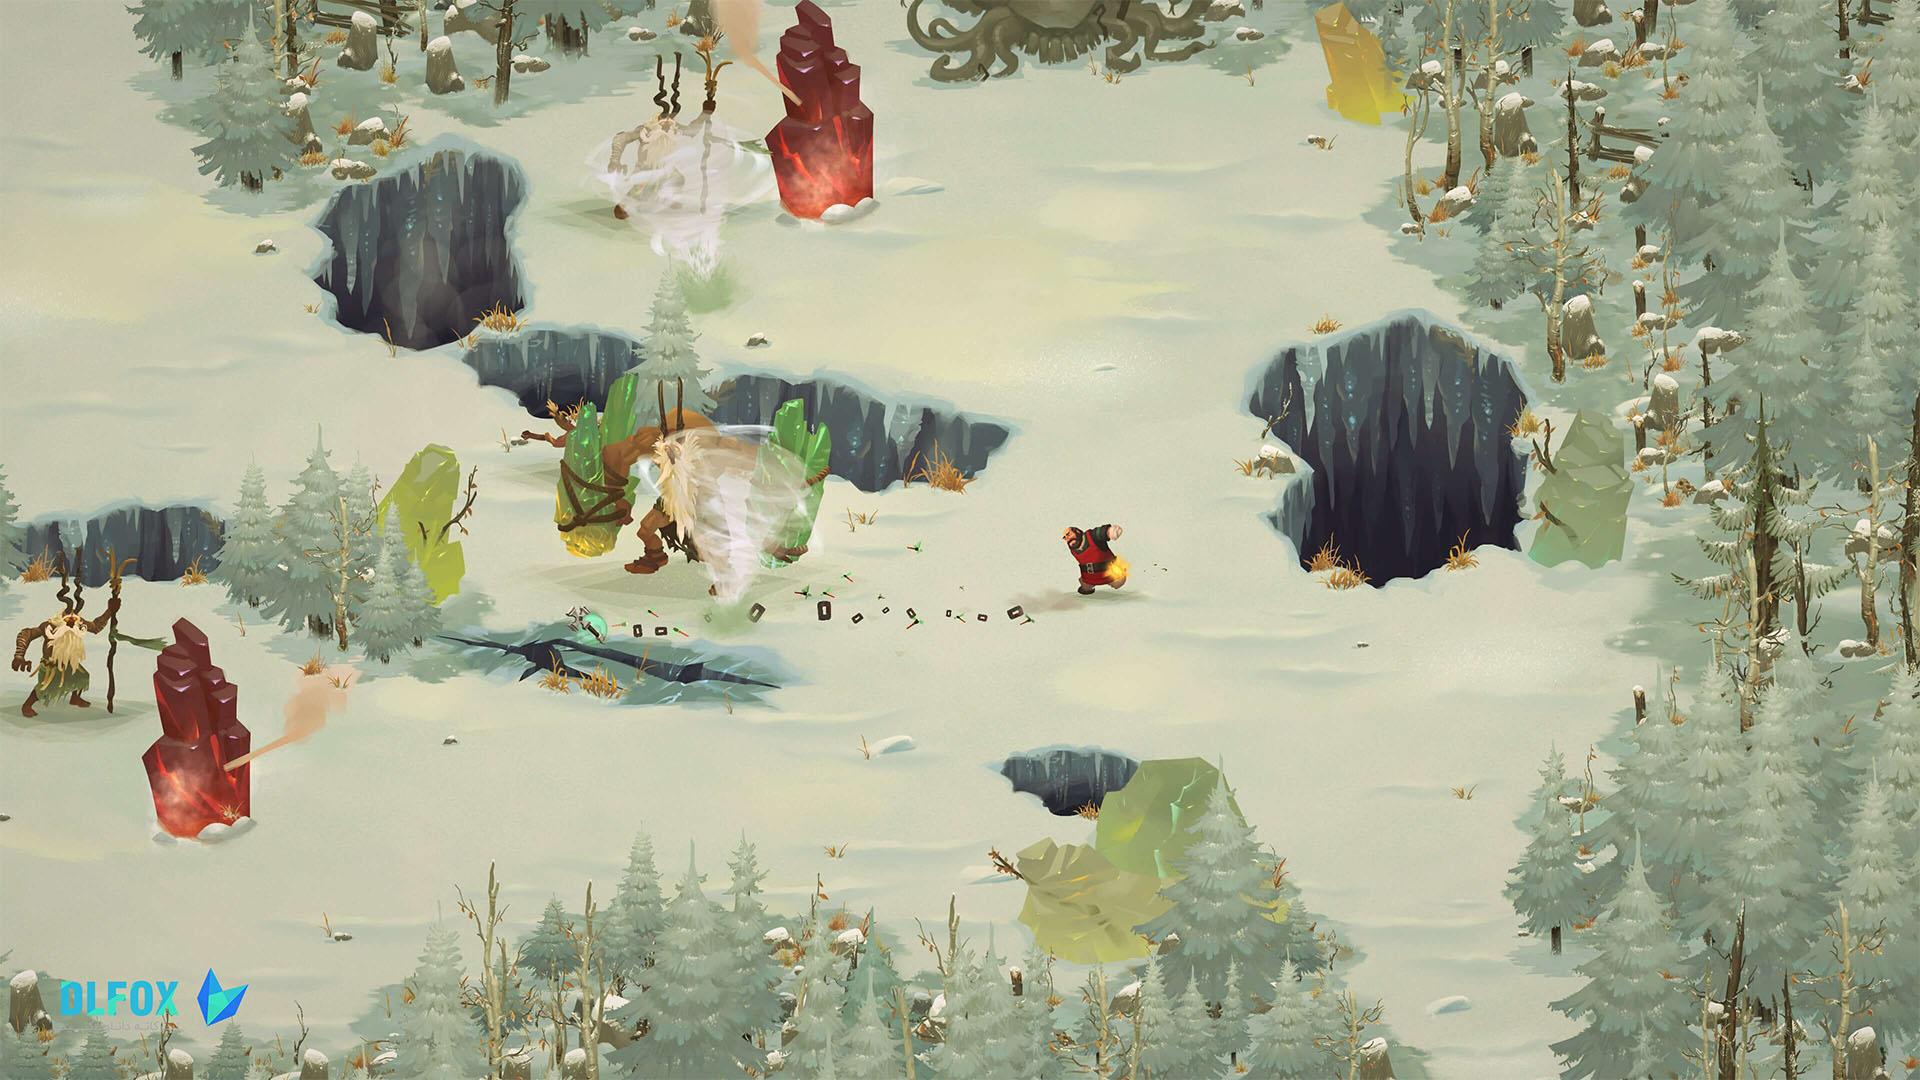 دانلود نسخه فشرده بازی Yaga برای PC